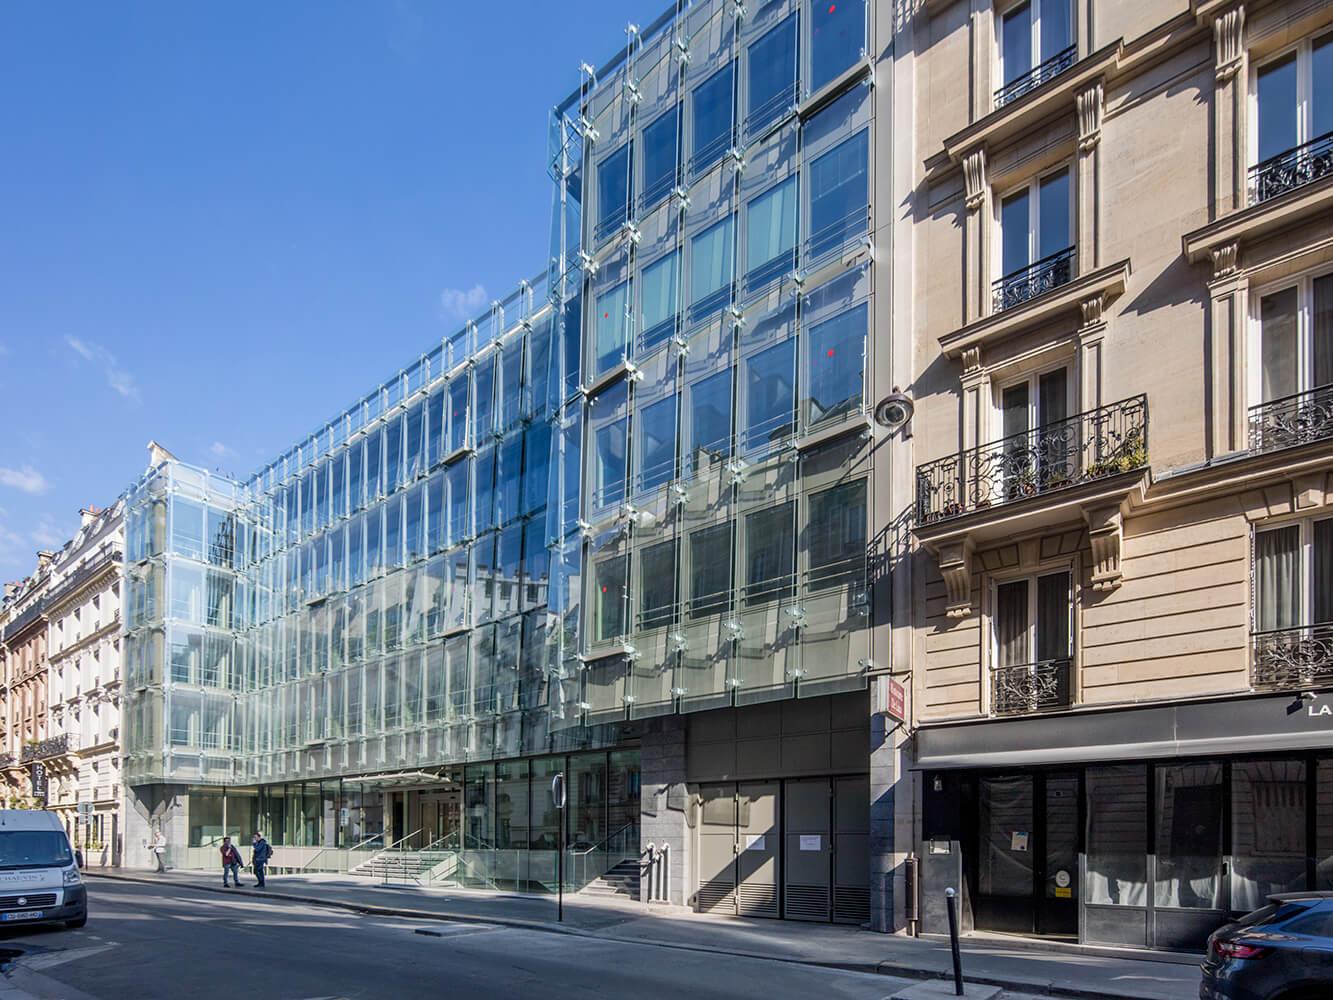 Fédération Française du Bâtiment Grand Paris - Paris France